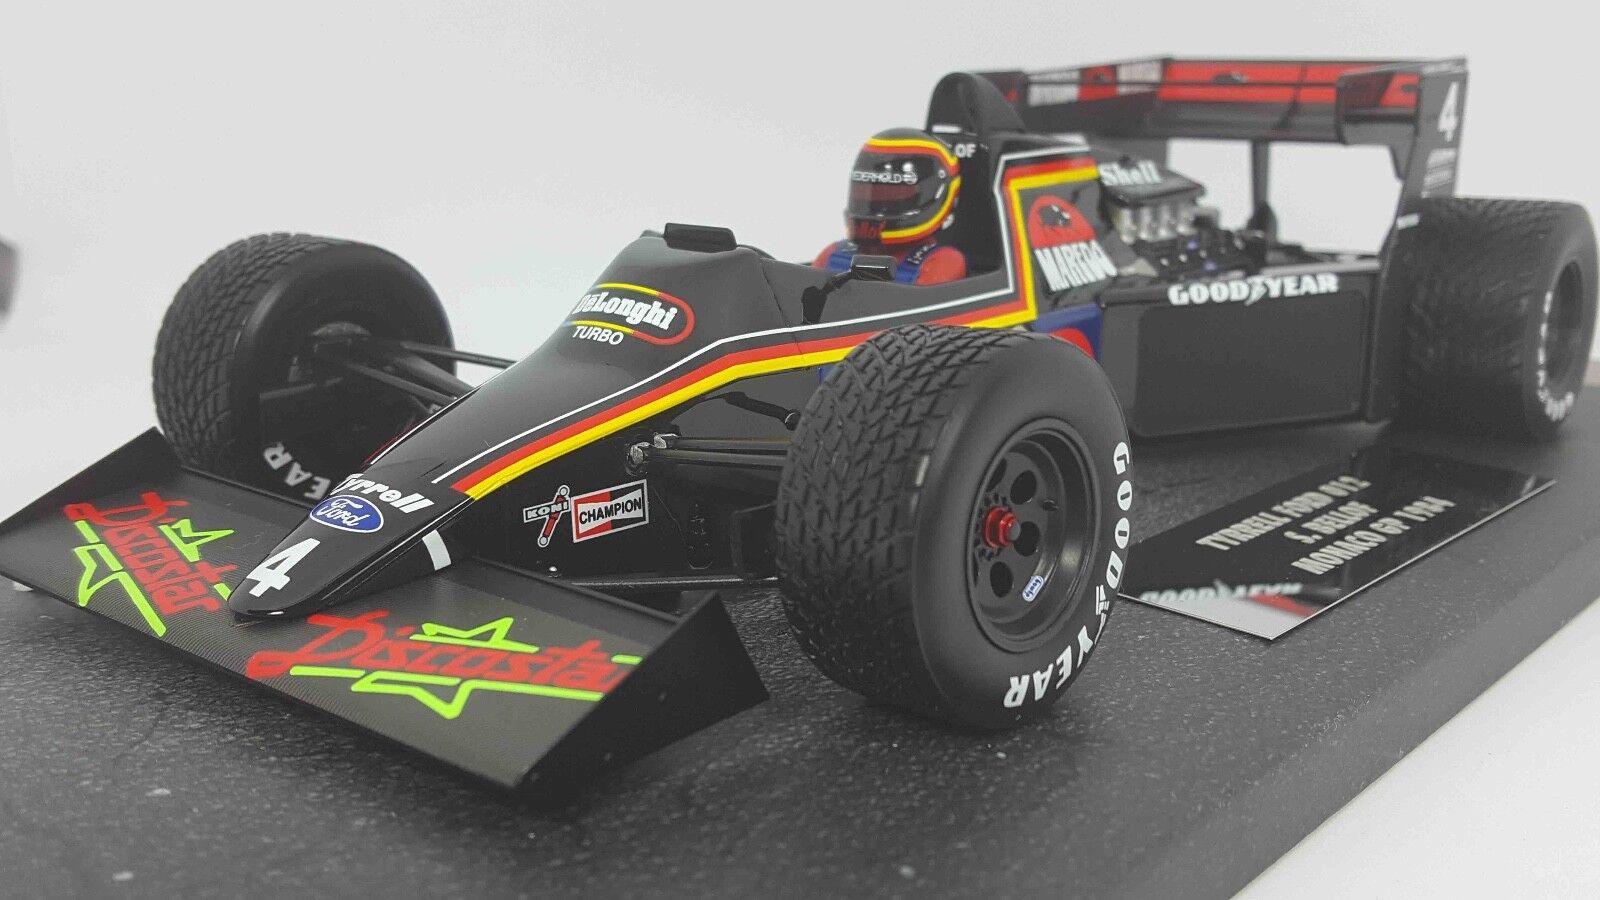 MINICHAMPS 117840004 1 18 Tyrrell Ford 012 Stefan Bellof Monaco GP 1984 F1 Model